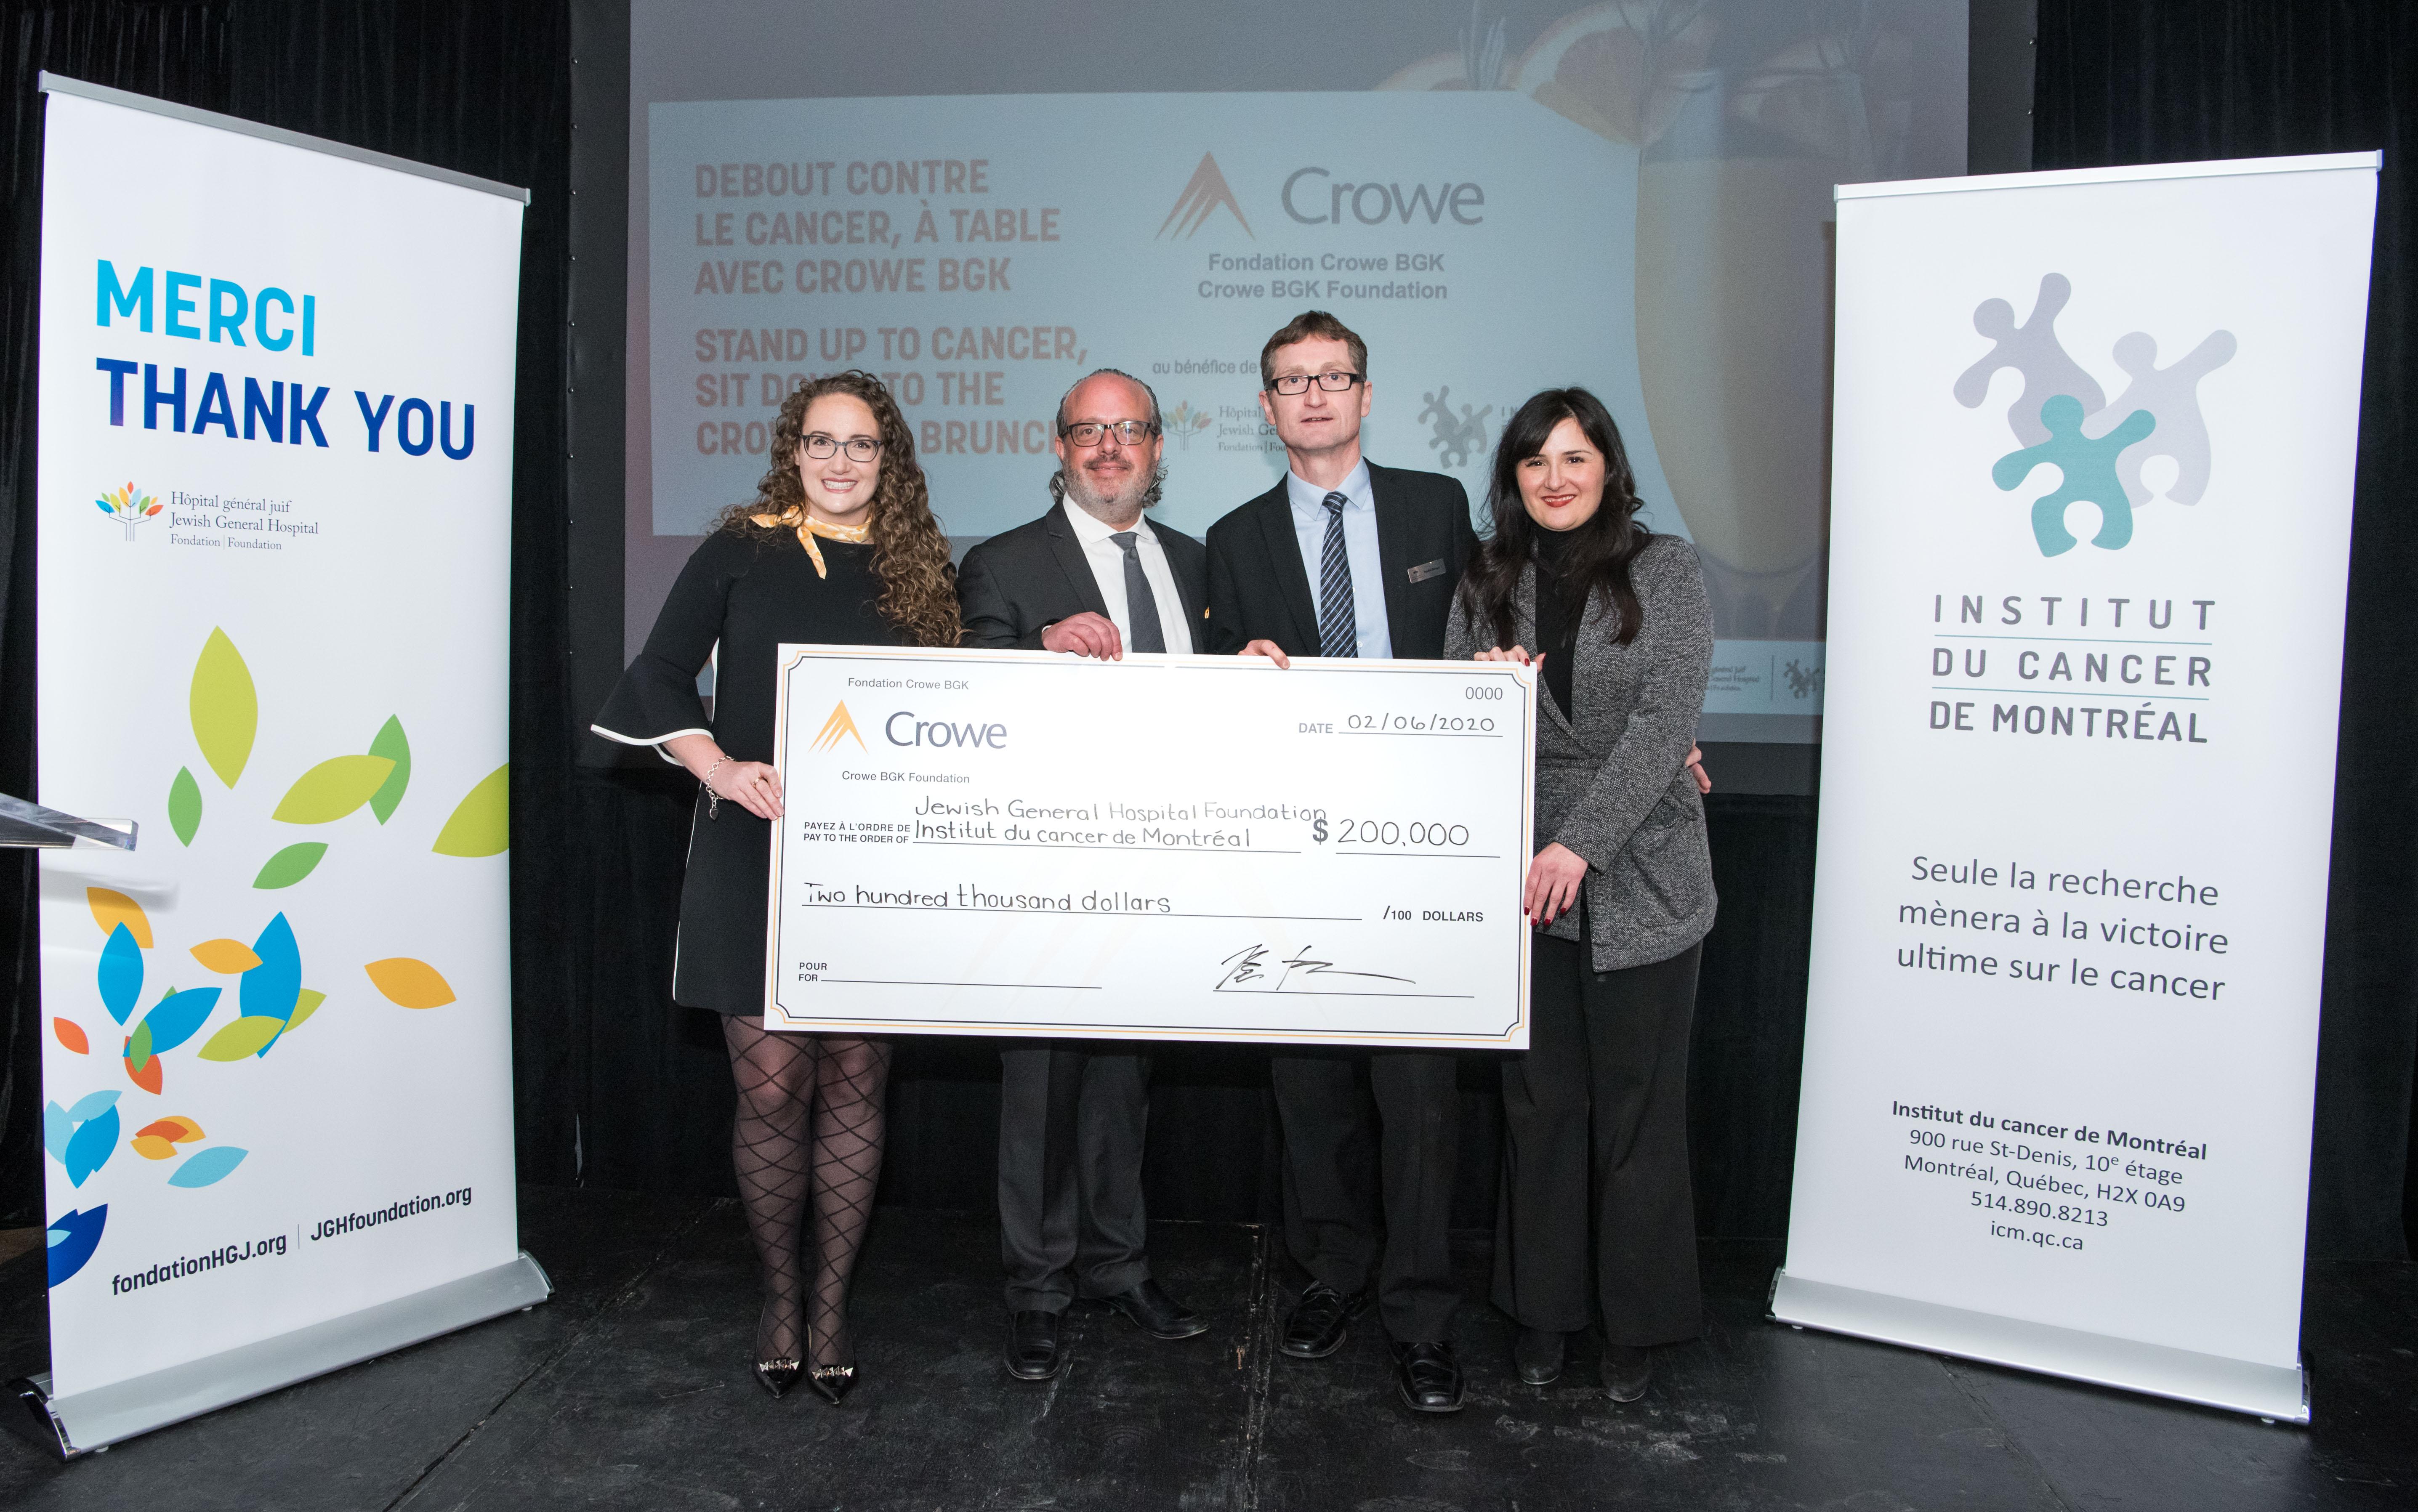 Crowe BGK Foundation